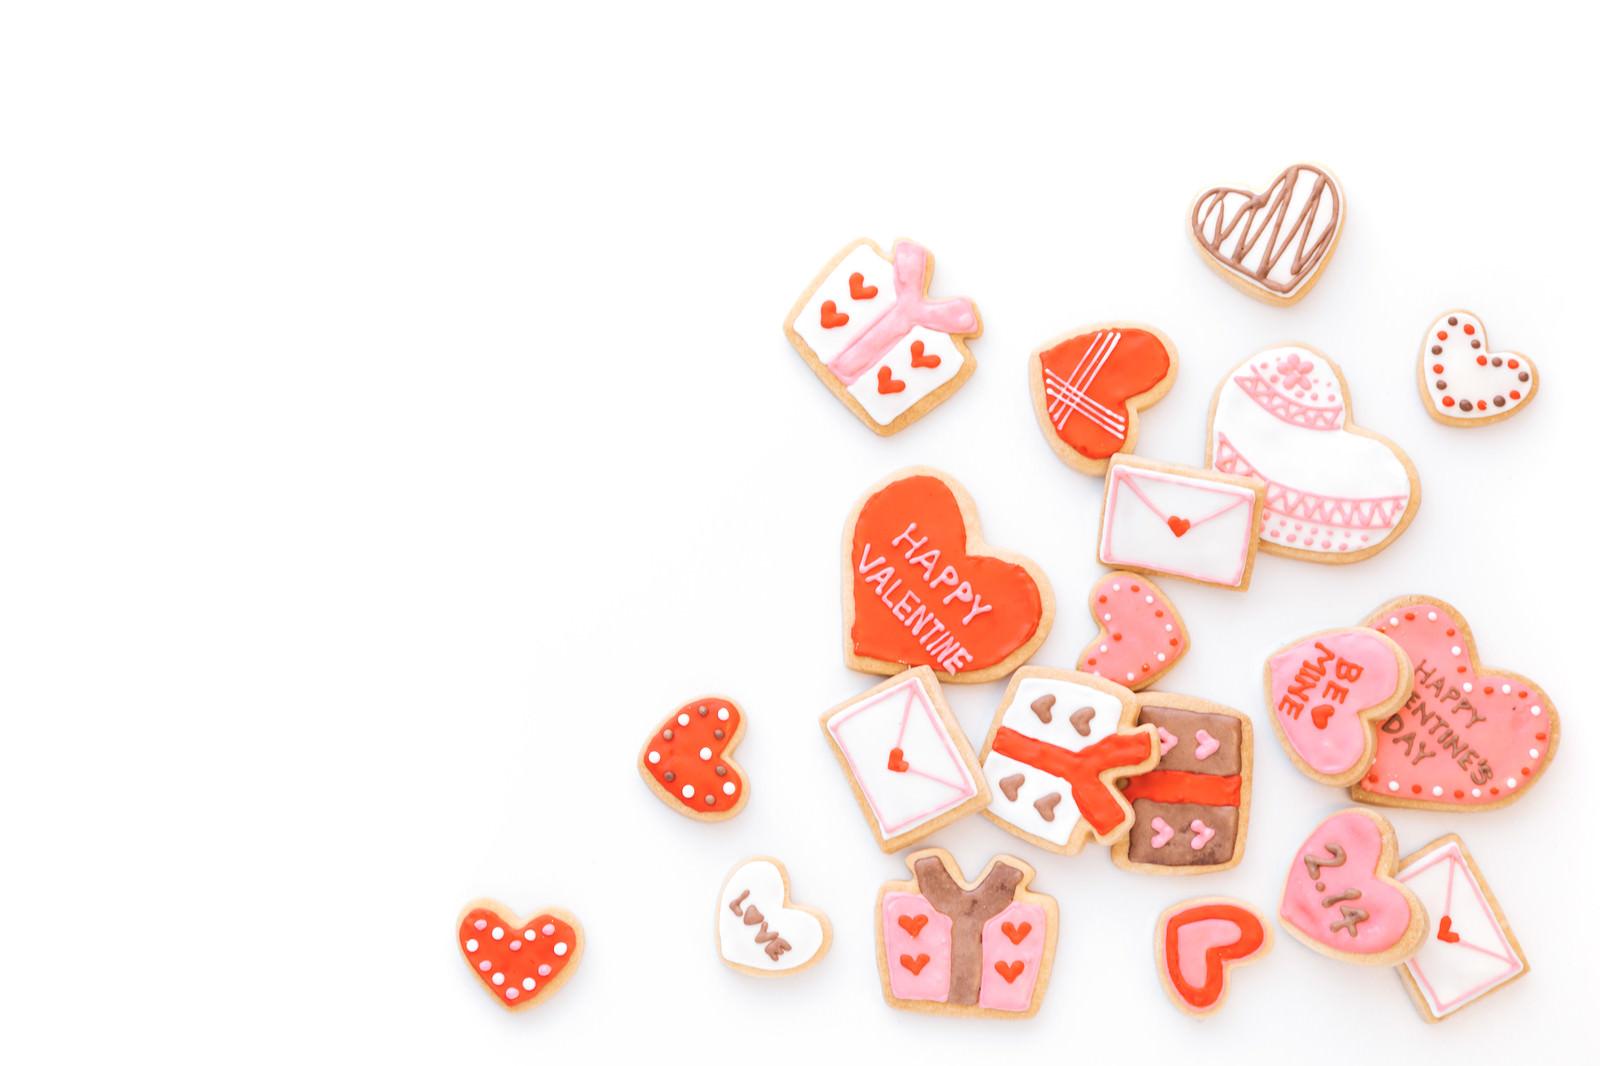 「散らばったハート型のクッキー」の写真